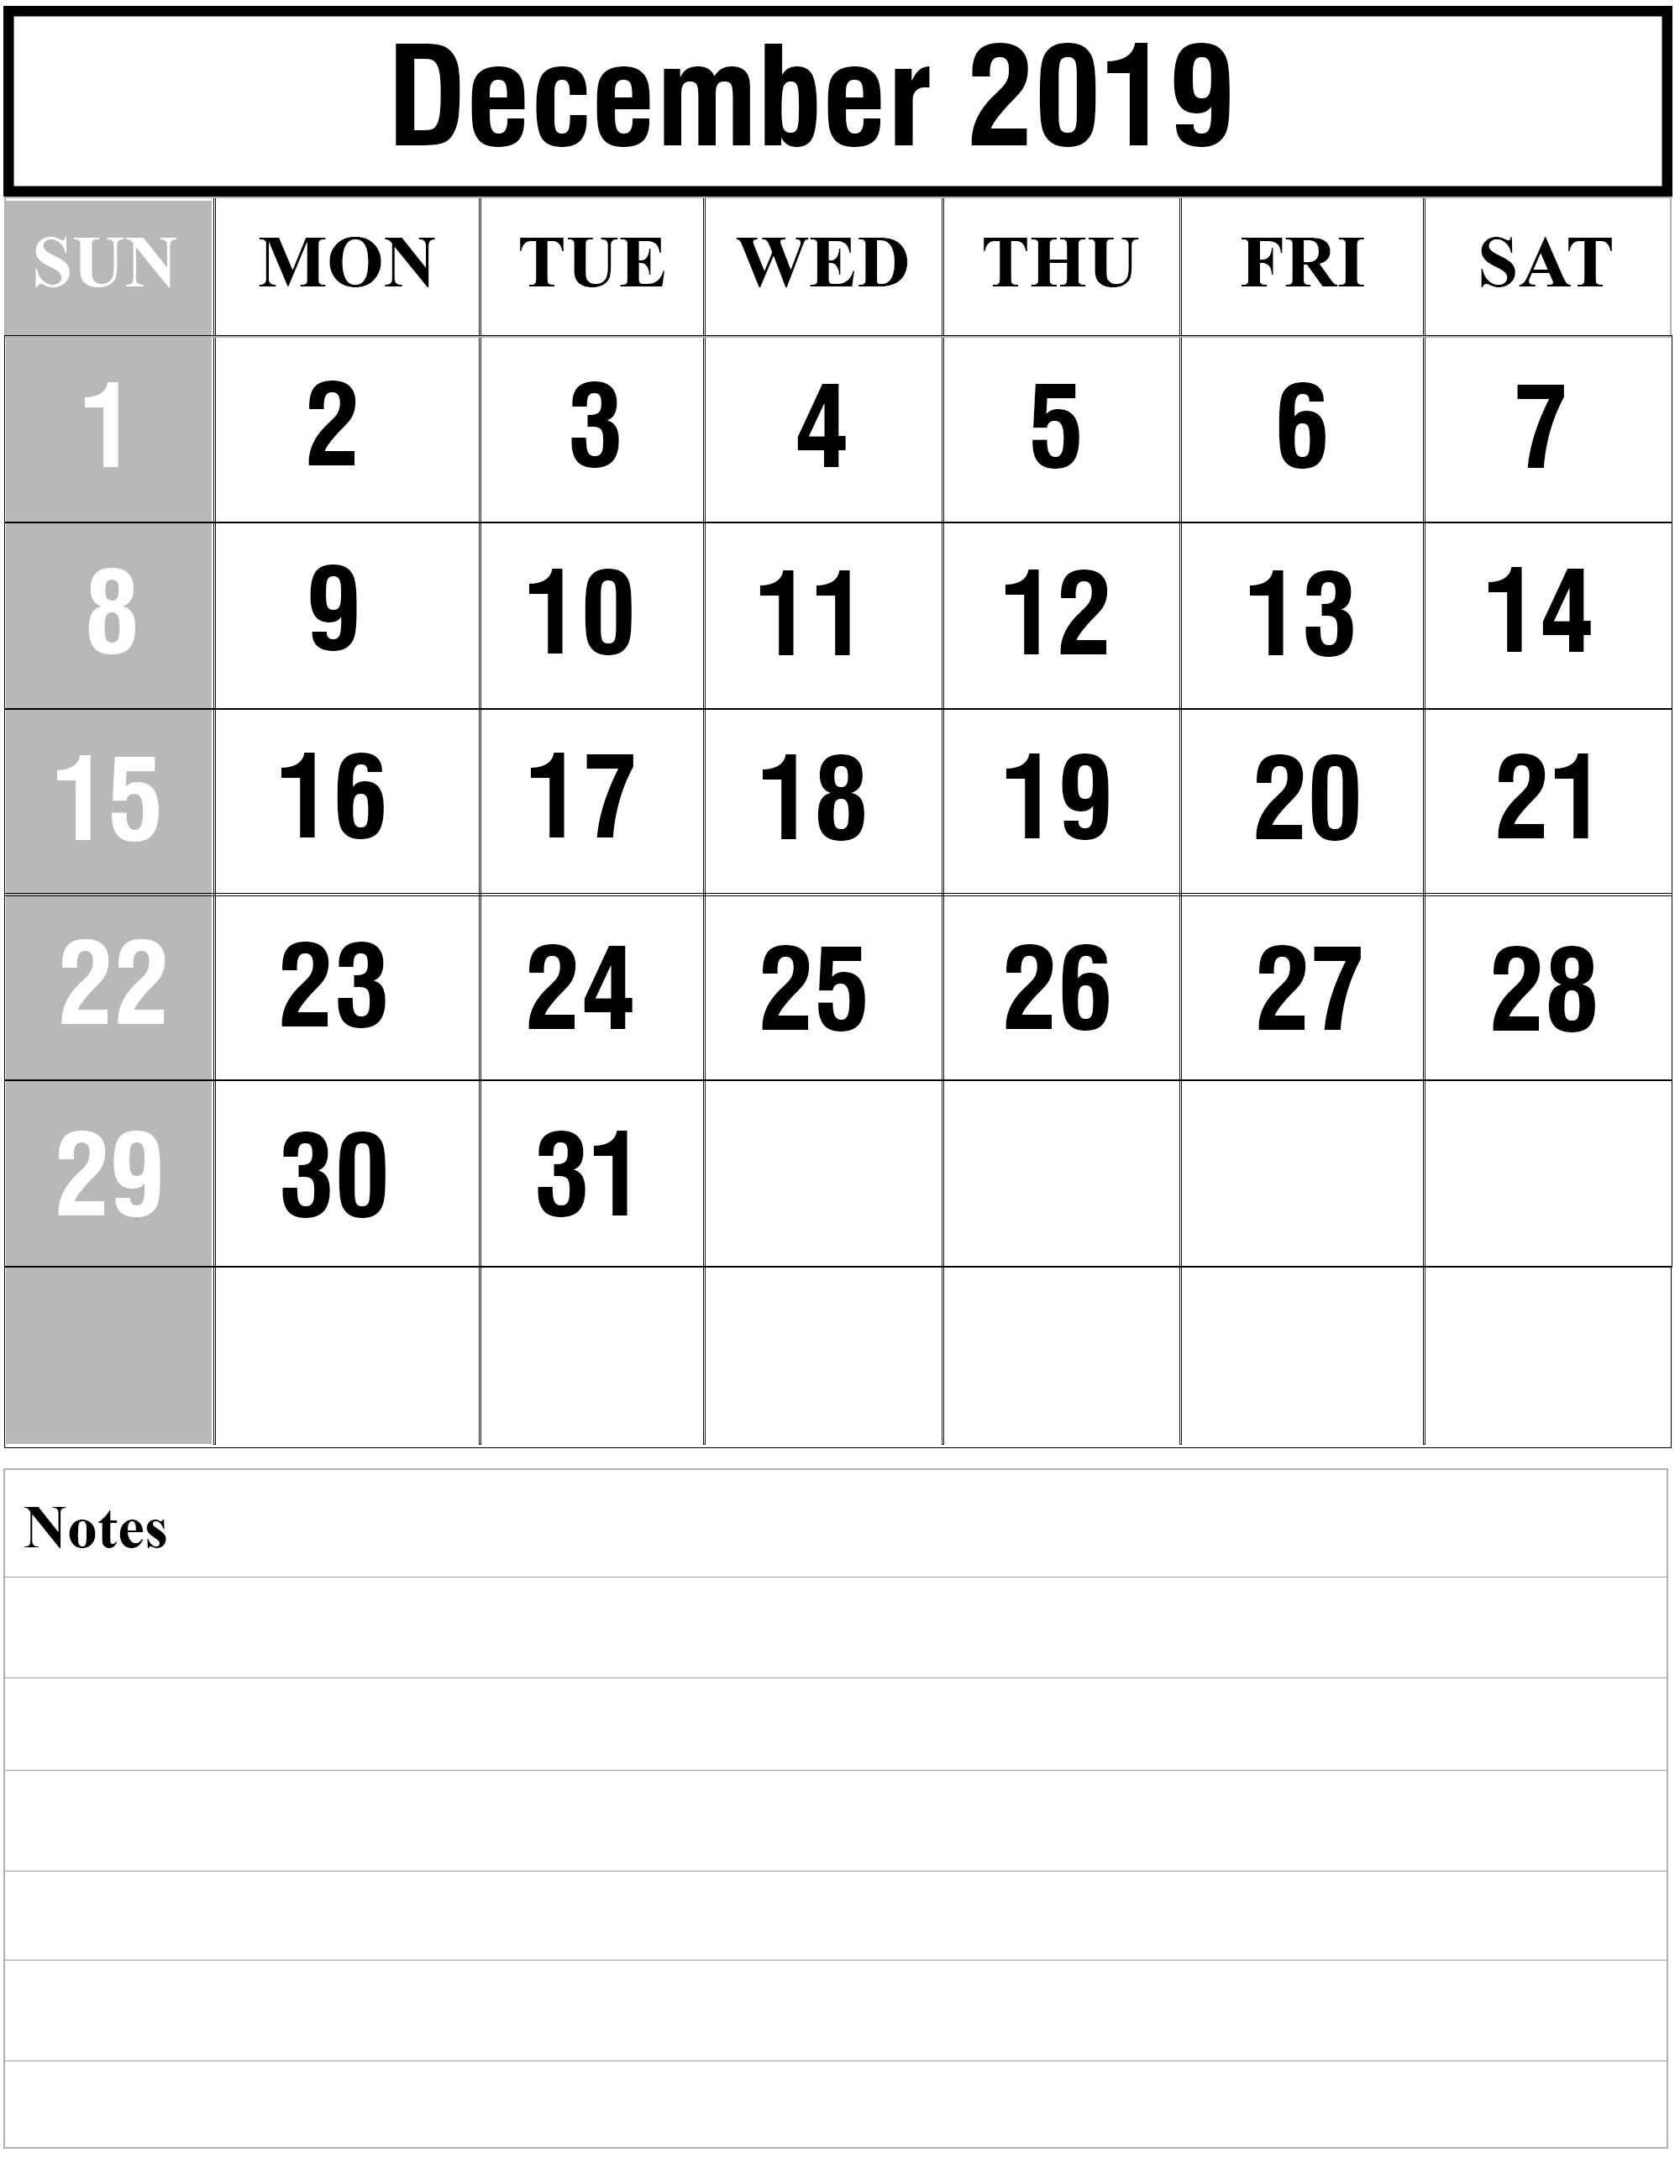 Fillable December 2019 Calendar Notes Printable